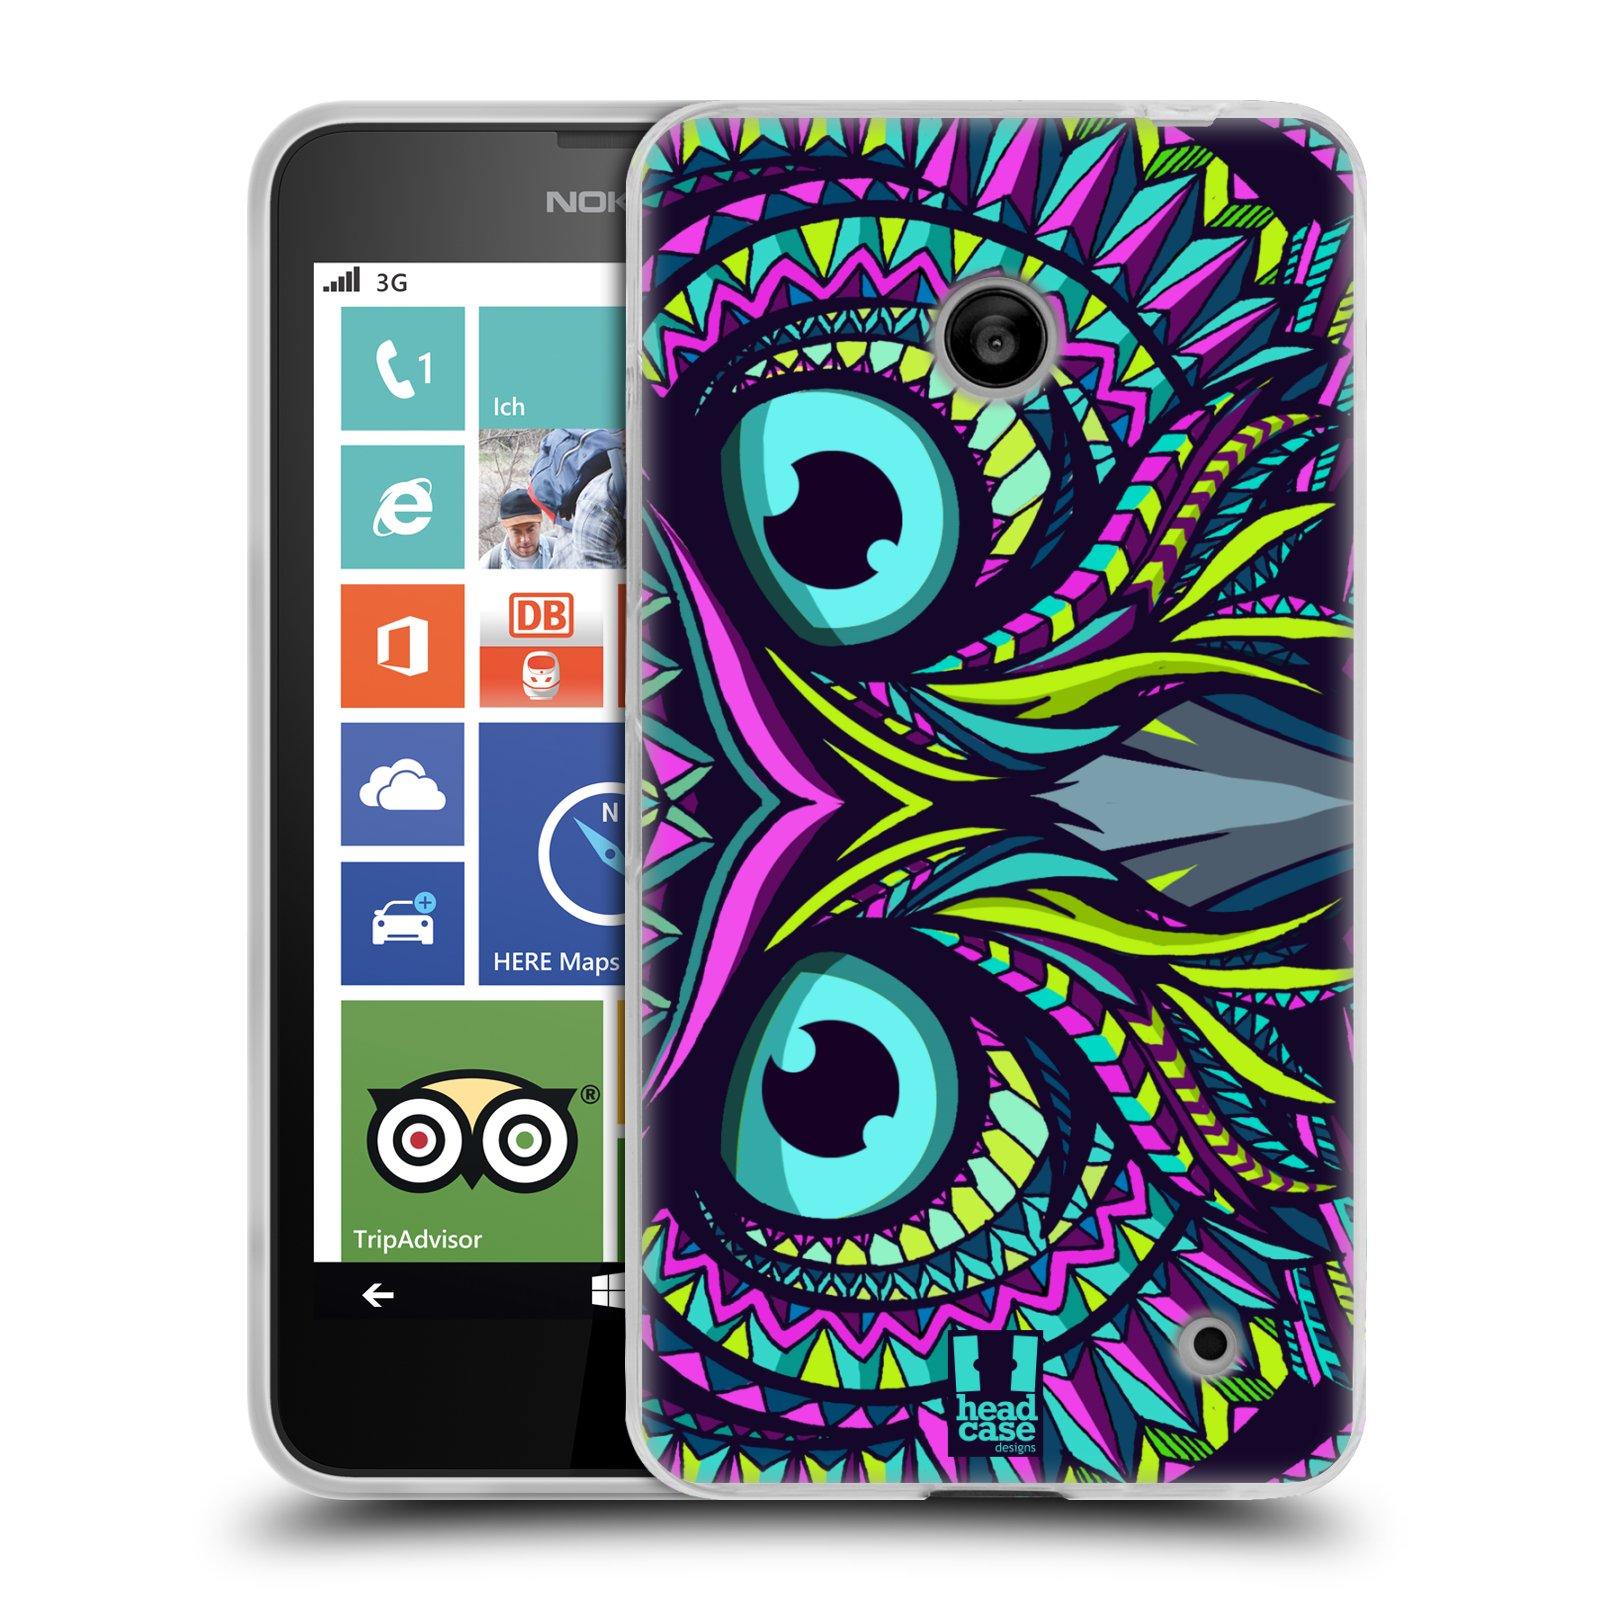 Silikonové pouzdro na mobil Nokia Lumia 630 HEAD CASE AZTEC SOVA (Silikonový kryt či obal na mobilní telefon Nokia Lumia 630 a Nokia Lumia 630 Dual SIM)